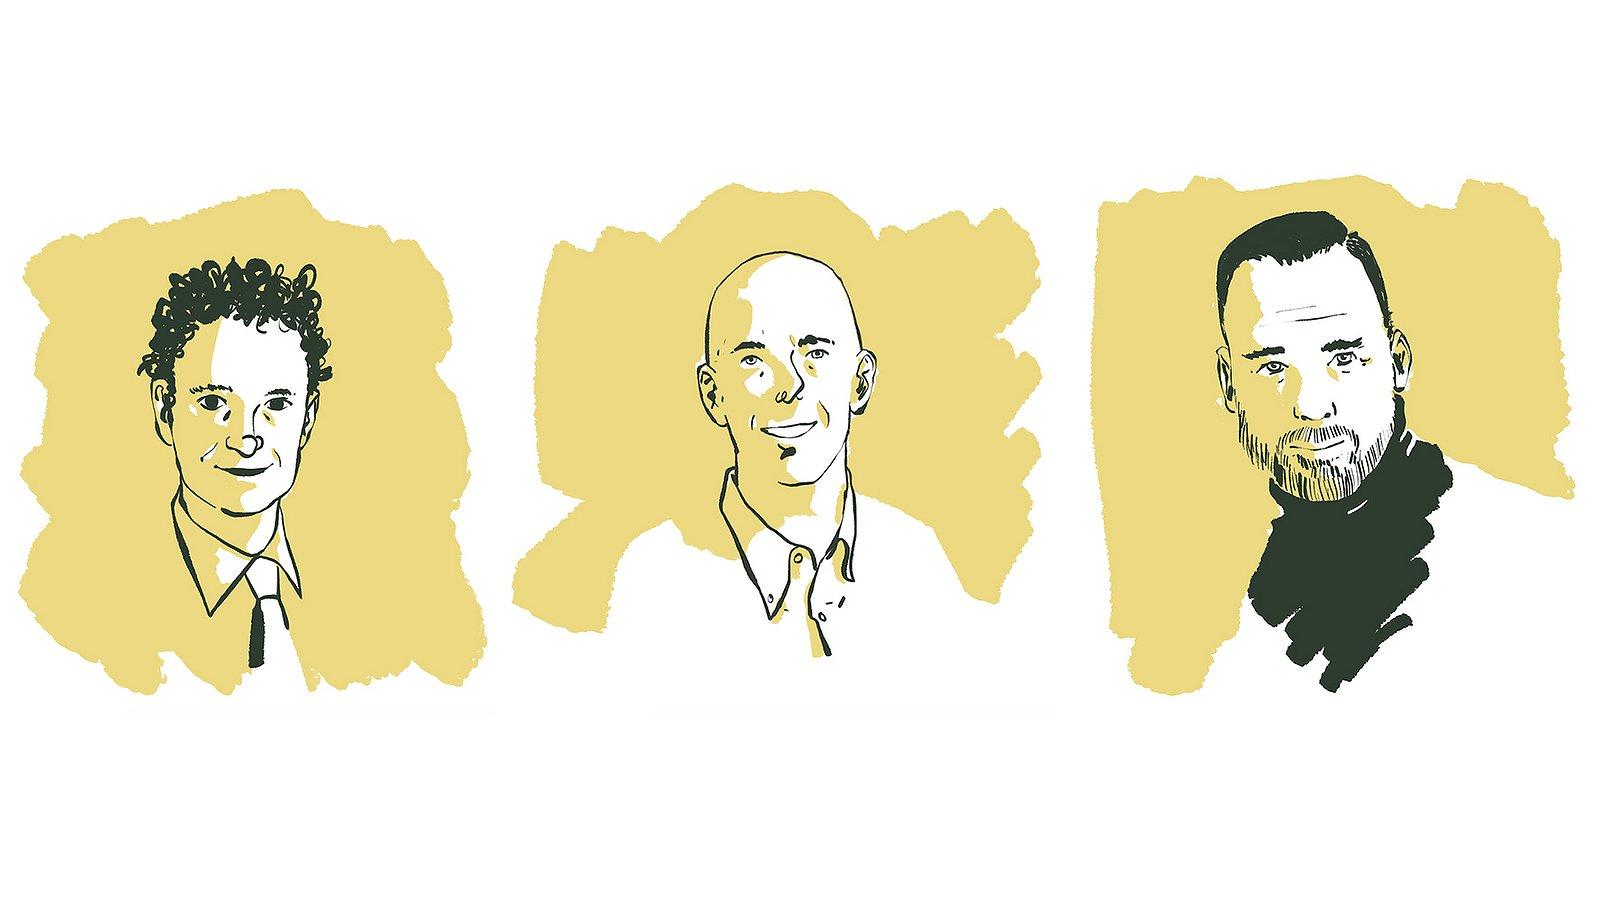 The Board Room: Deze gays hebben zich genesteld in de top van het bedrijfsleven